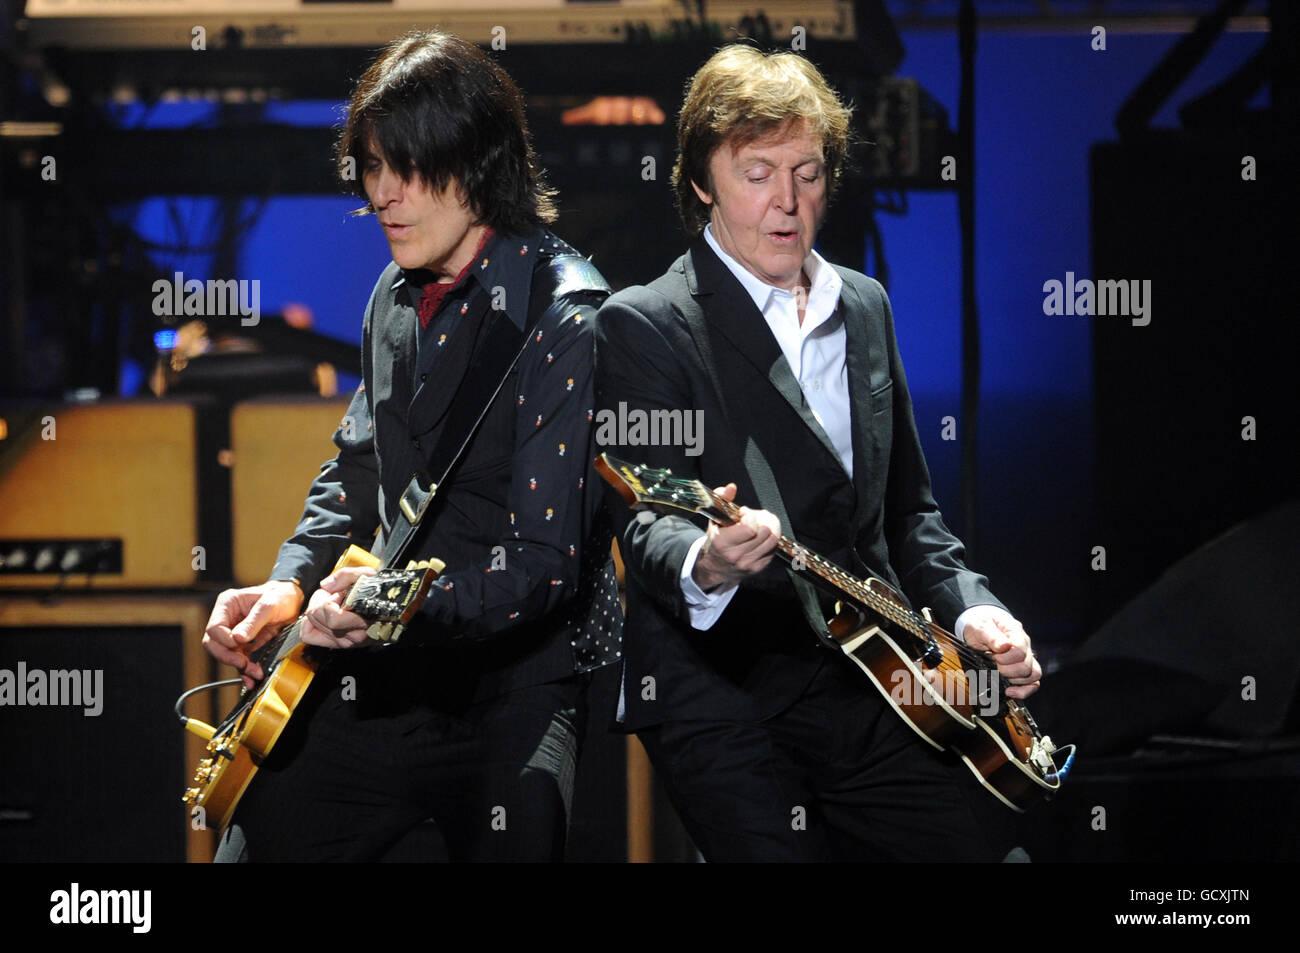 Paul McCartney in Concert - London - Stock Image